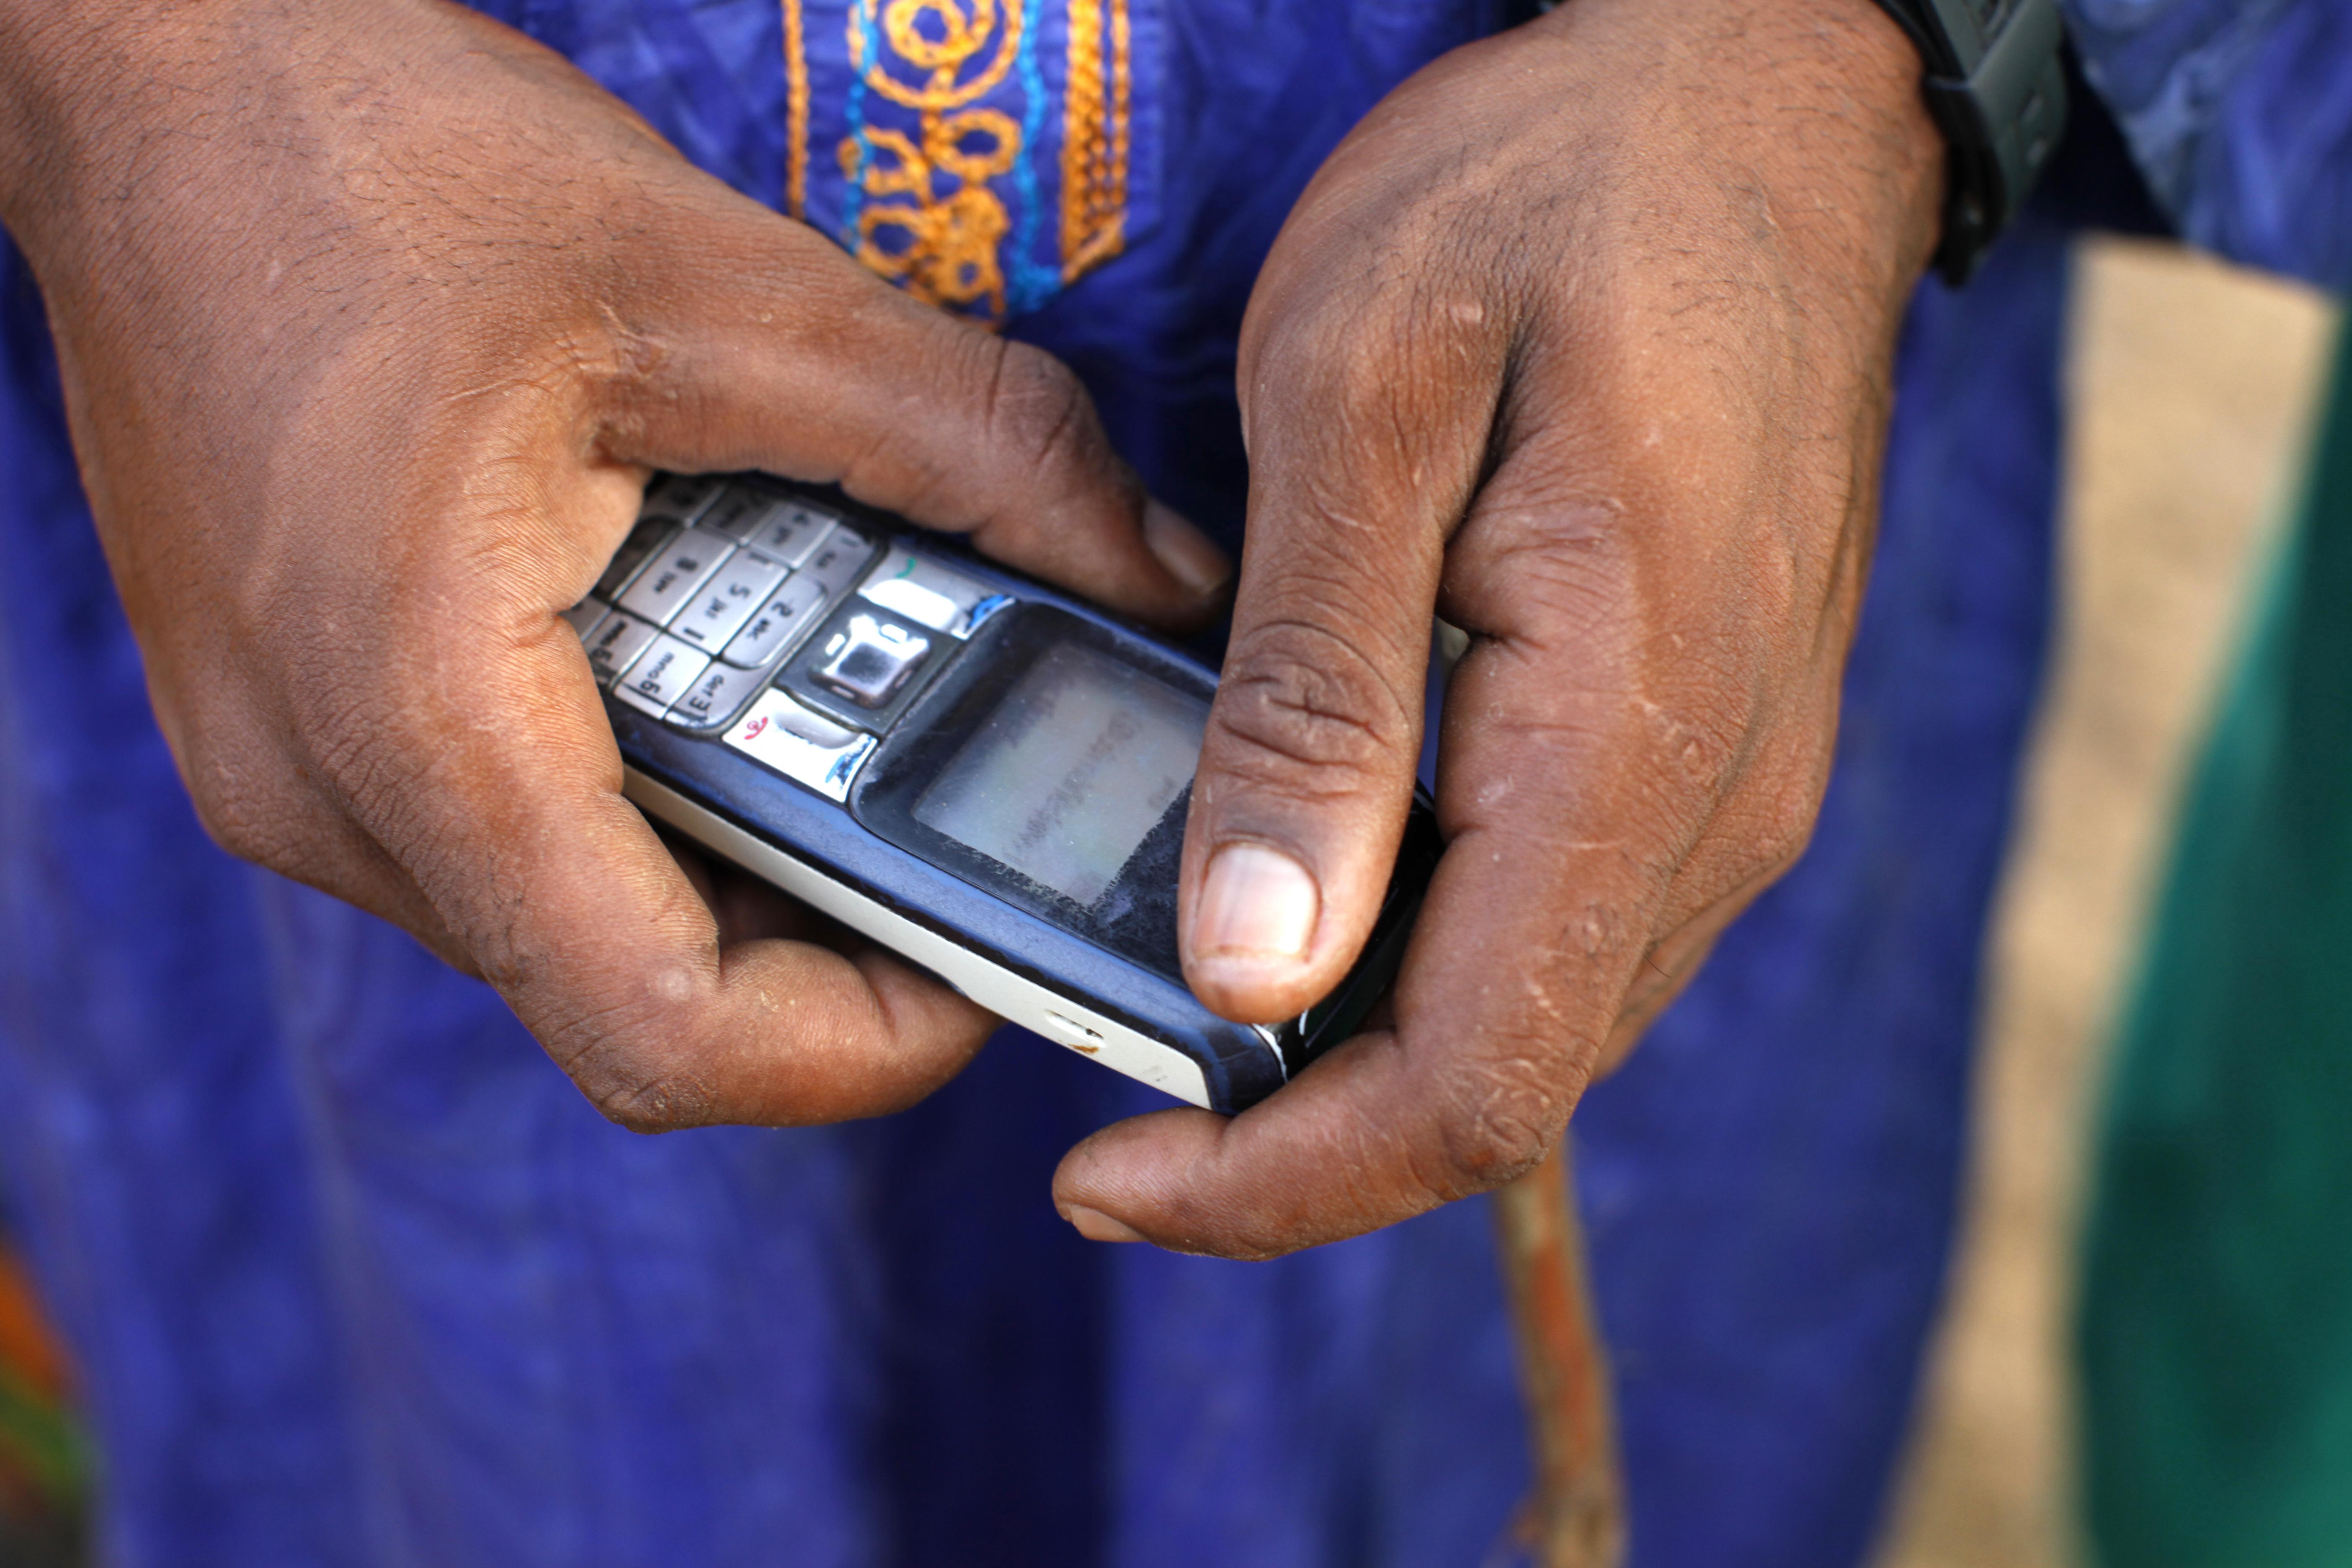 Peul farmer using a cell phone